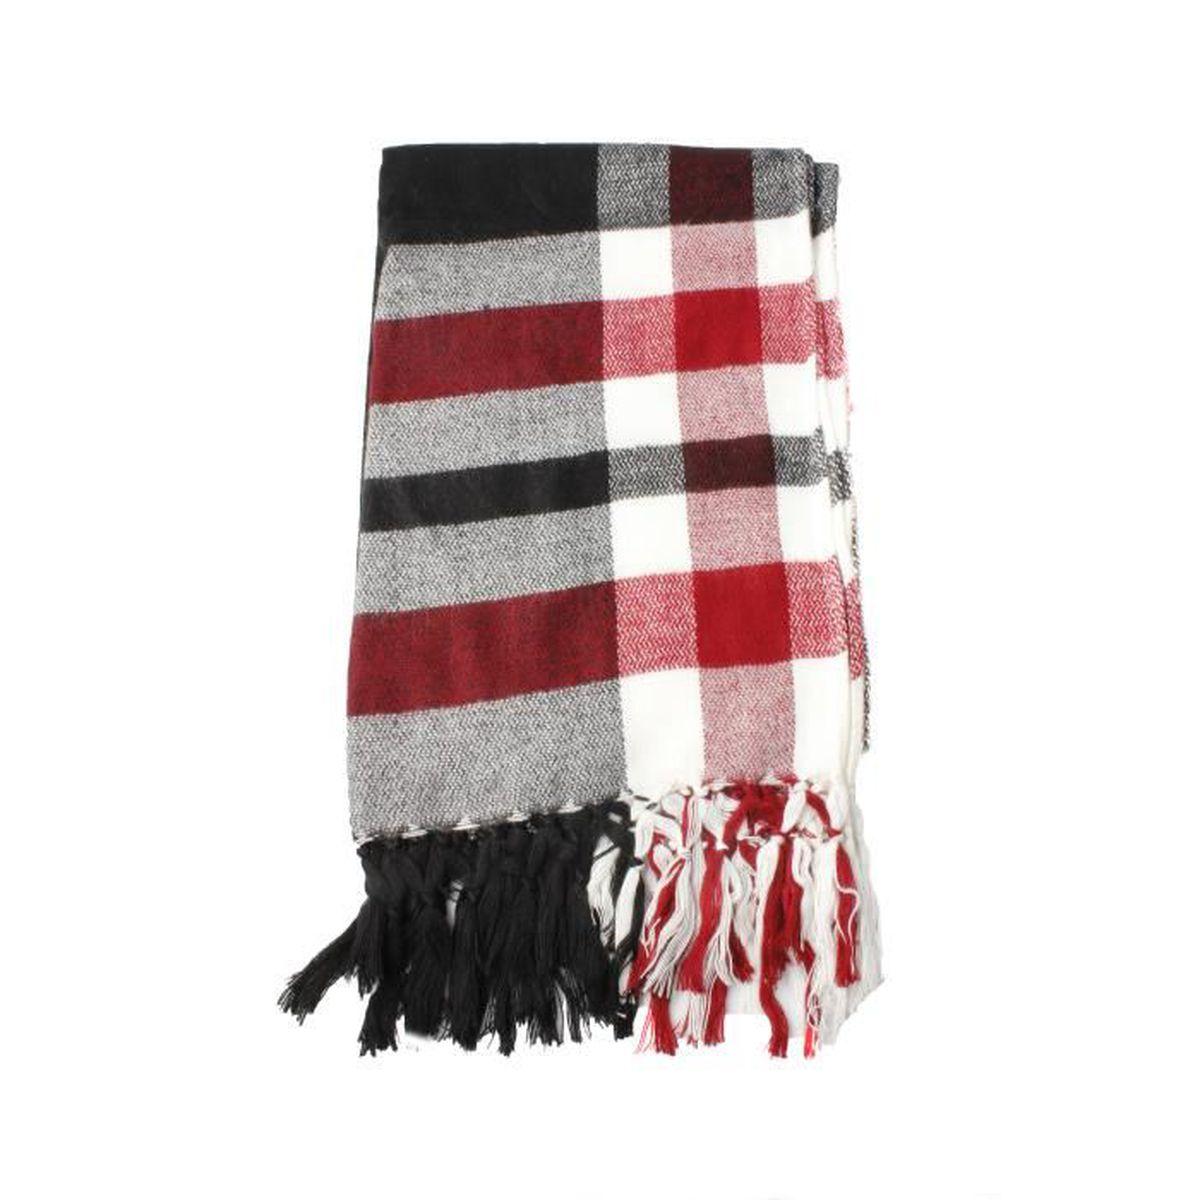 ECHARPE - FOULARD Écharpe à carreaux noir, blanc et rouge à carreaux 8c36c98fe3f